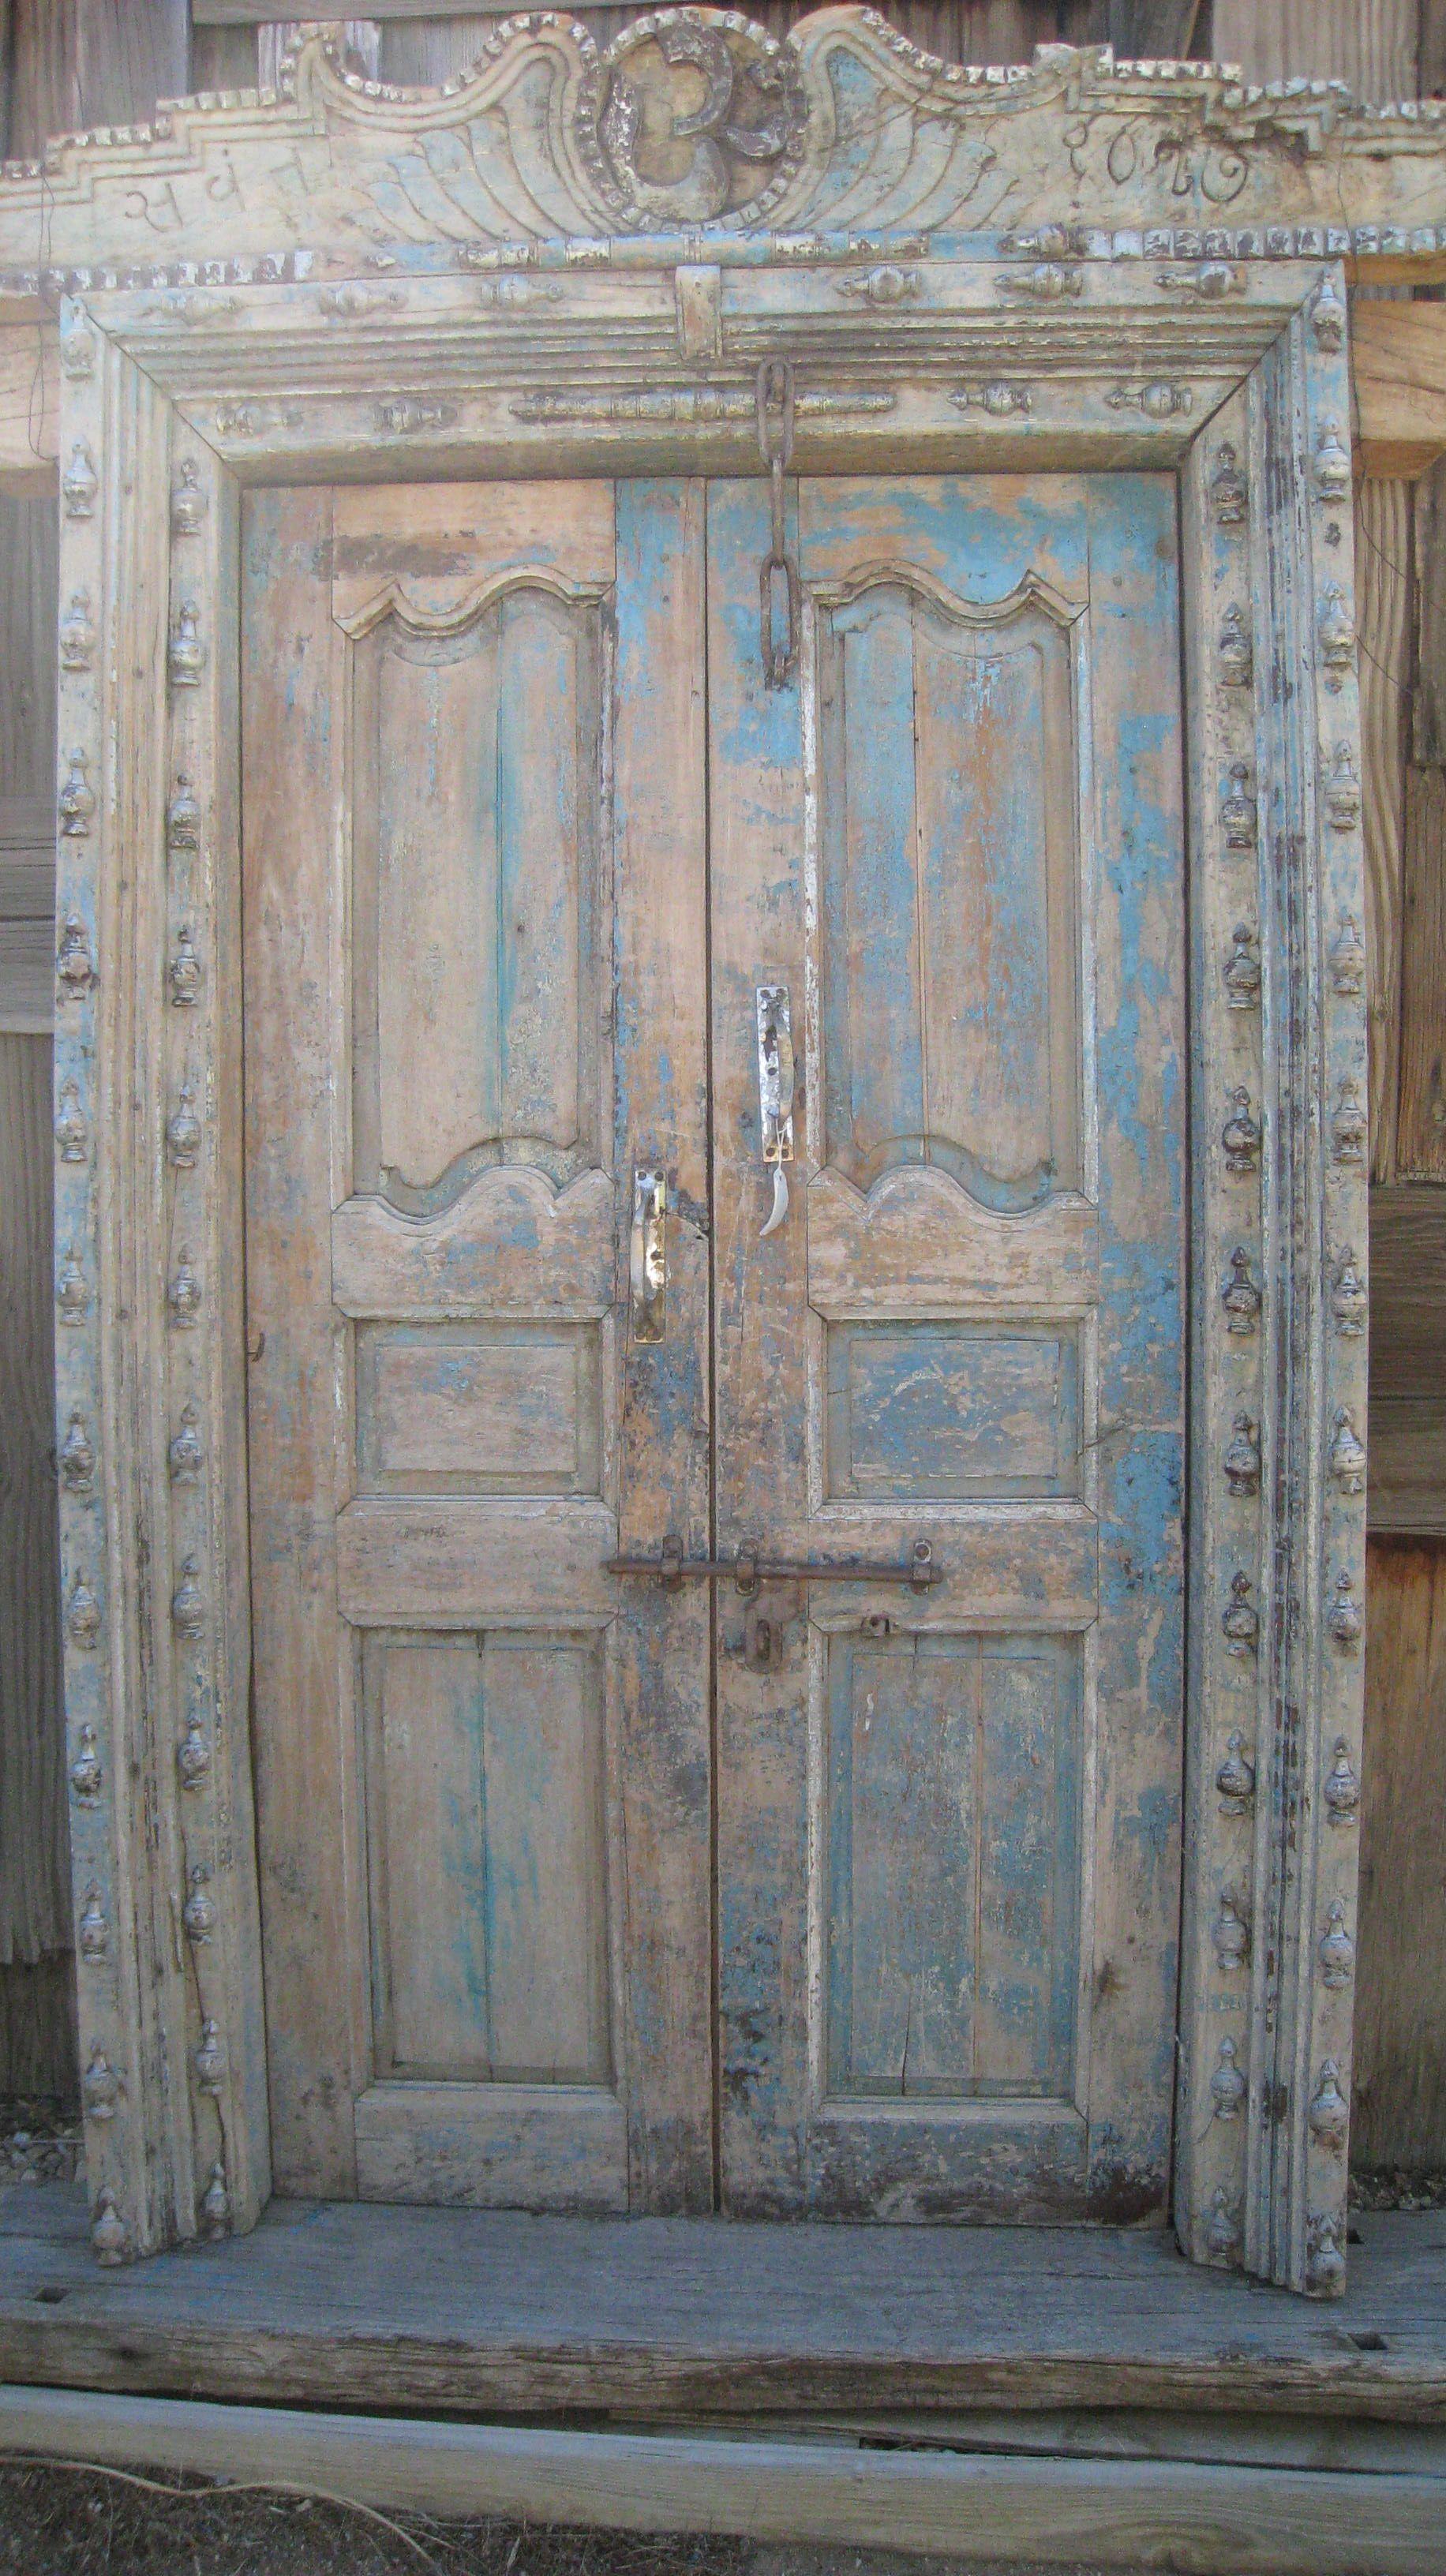 com.au/doors-antique-and-iron-doors/indian-doors-doors-or-gate/old ...